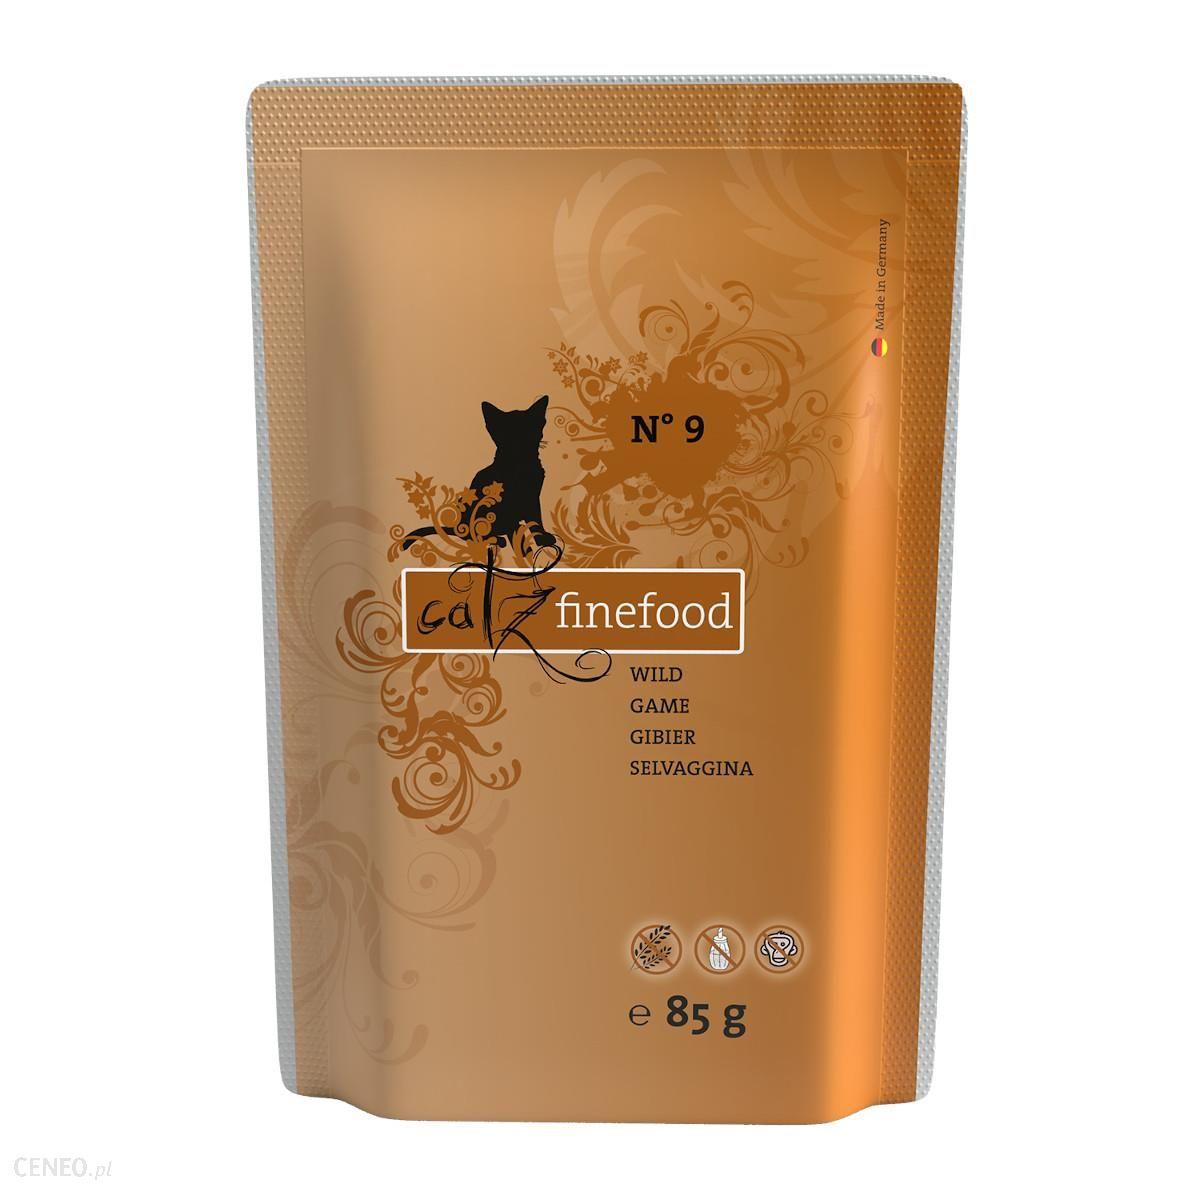 Catz Finefood N 09 Dziczyzna Saszetka 85G